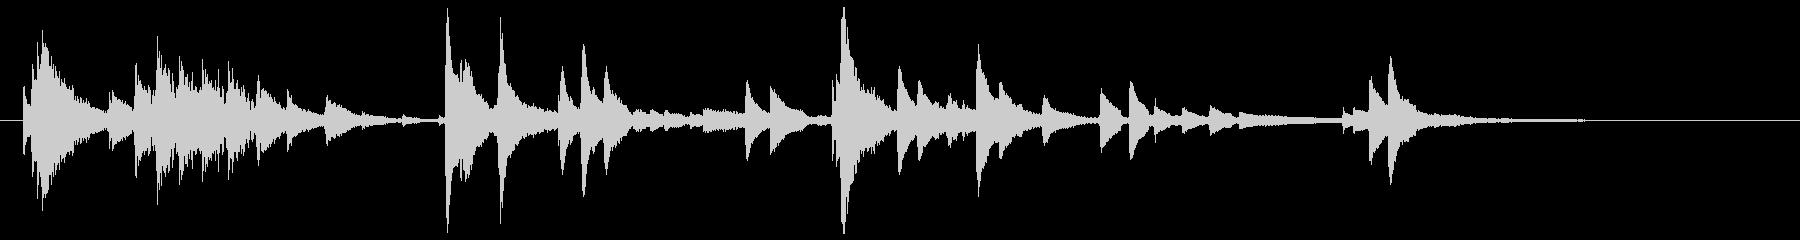 ウクレレハワイアンフレーズ5の未再生の波形